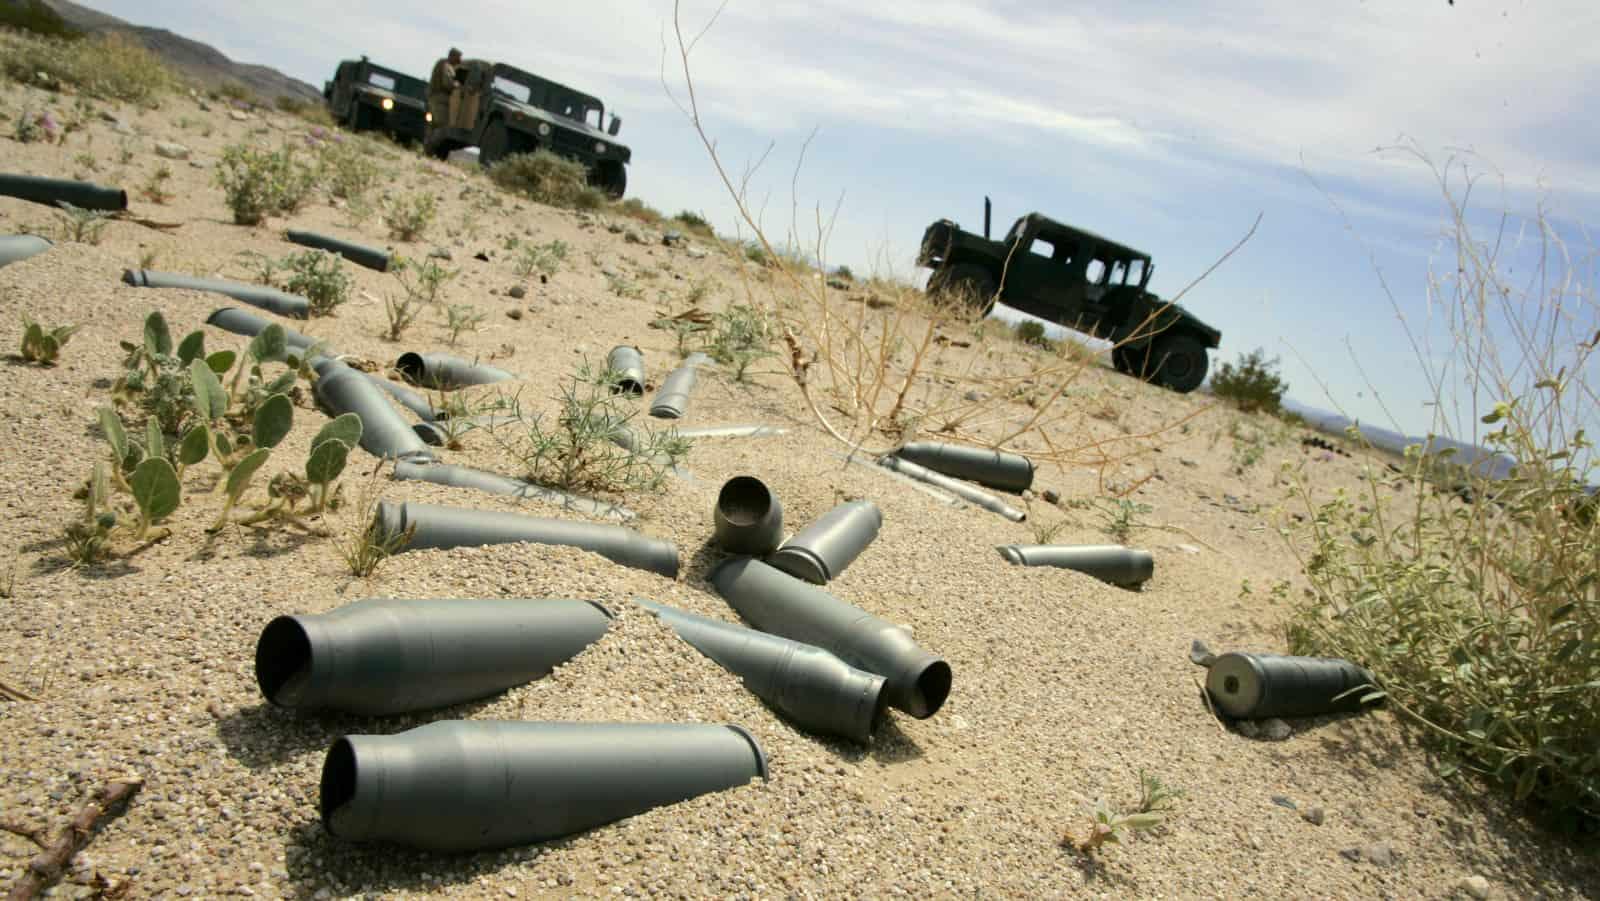 Οι στρατιωτικές δυνάμεις των ΗΠΑ είναι ο μεγαλύτερος ρυπαντής του κόσμου